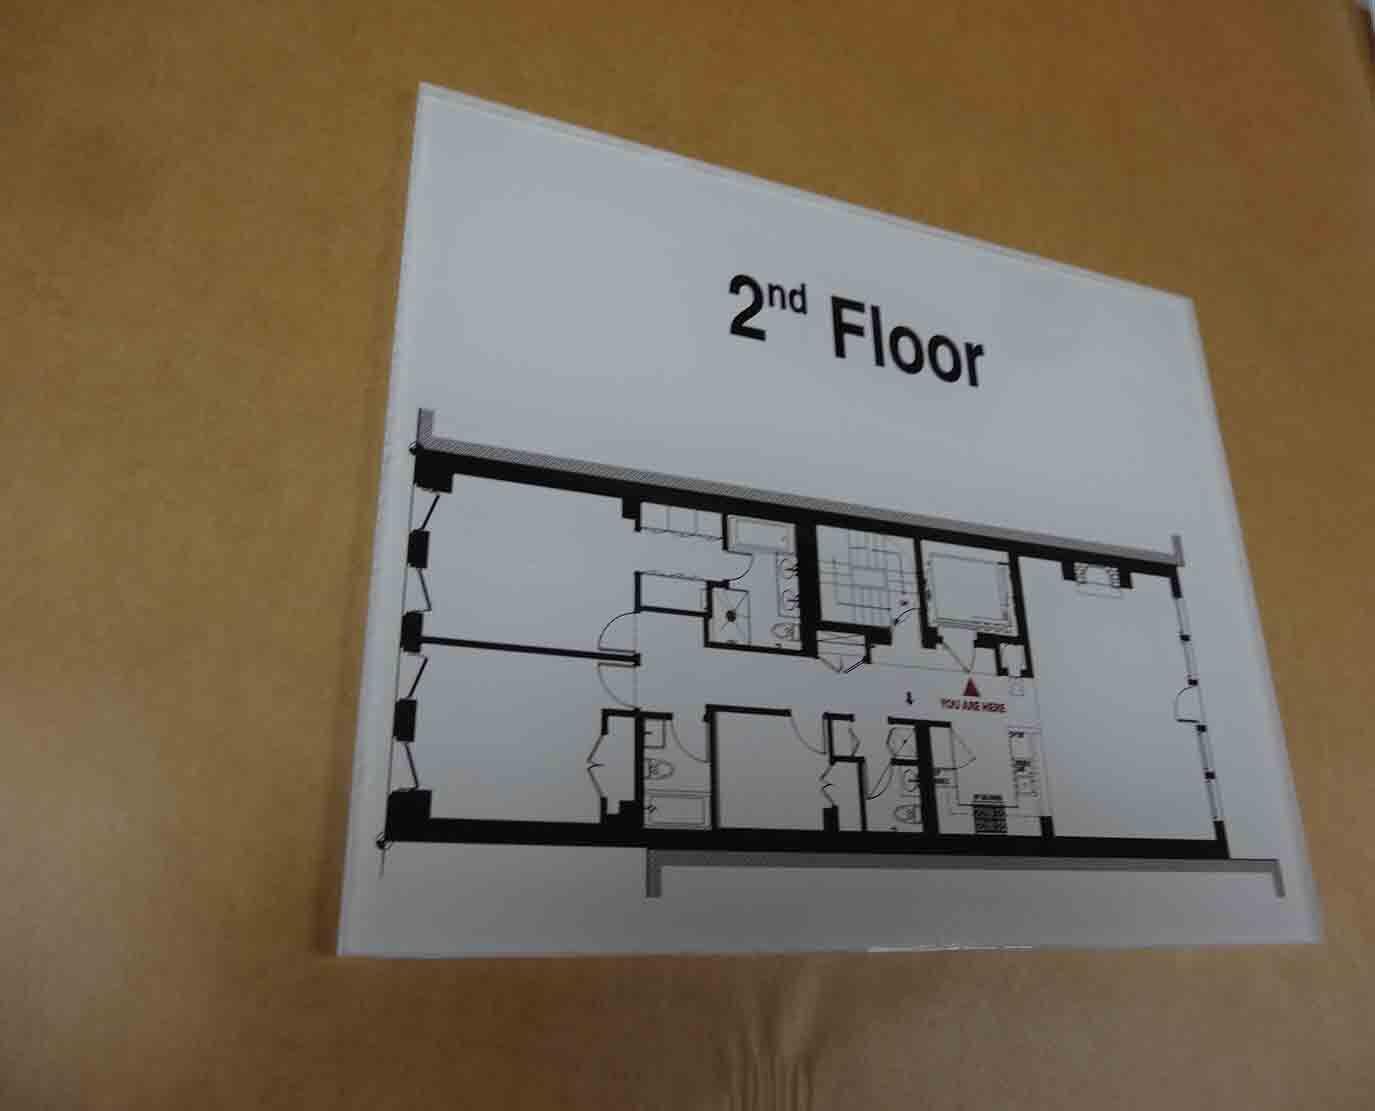 Floor Egress Map signs